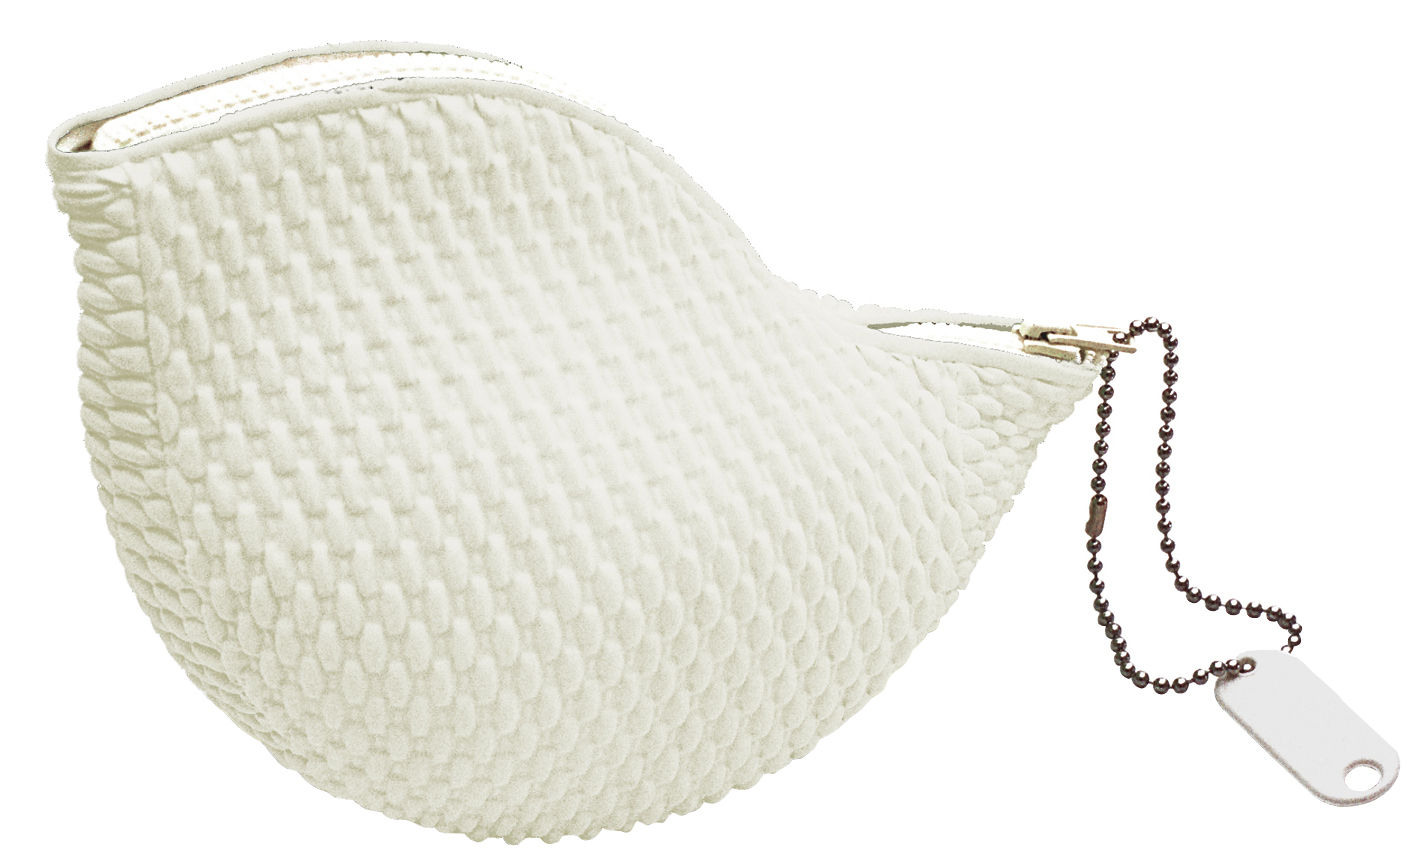 Accessoires - Sacs, trousses, porte-monnaie... - Trousse de toilette Goosebumps - Pension Für Produkte - Pop Corn - Blanc - Caoutchouc